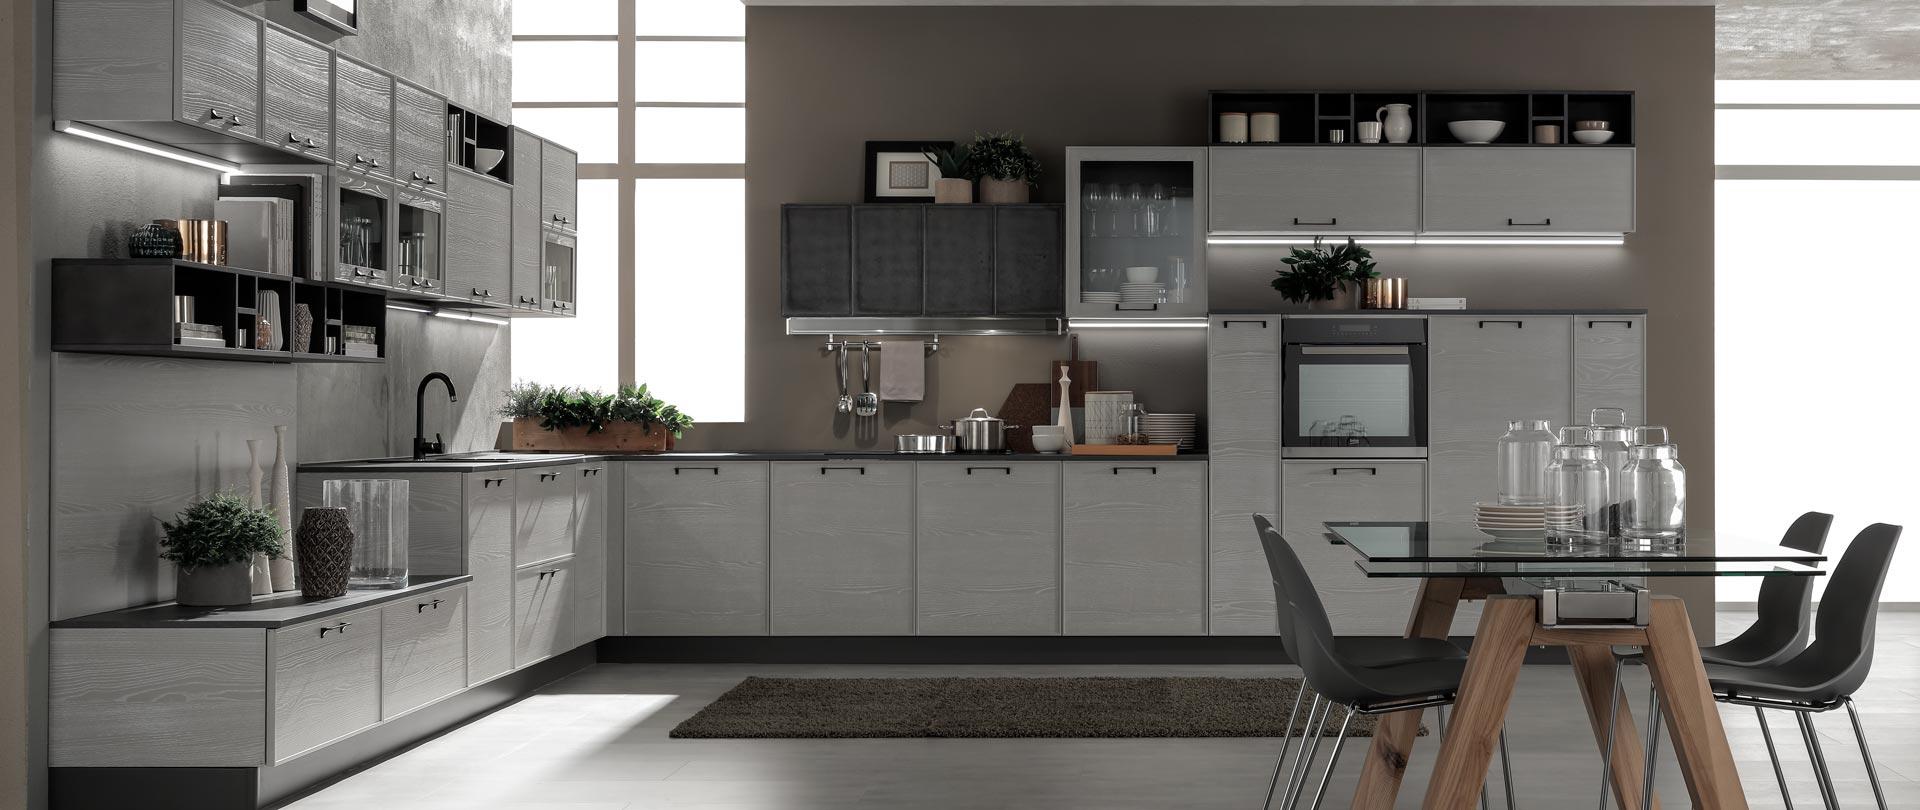 cucina quadra grigio